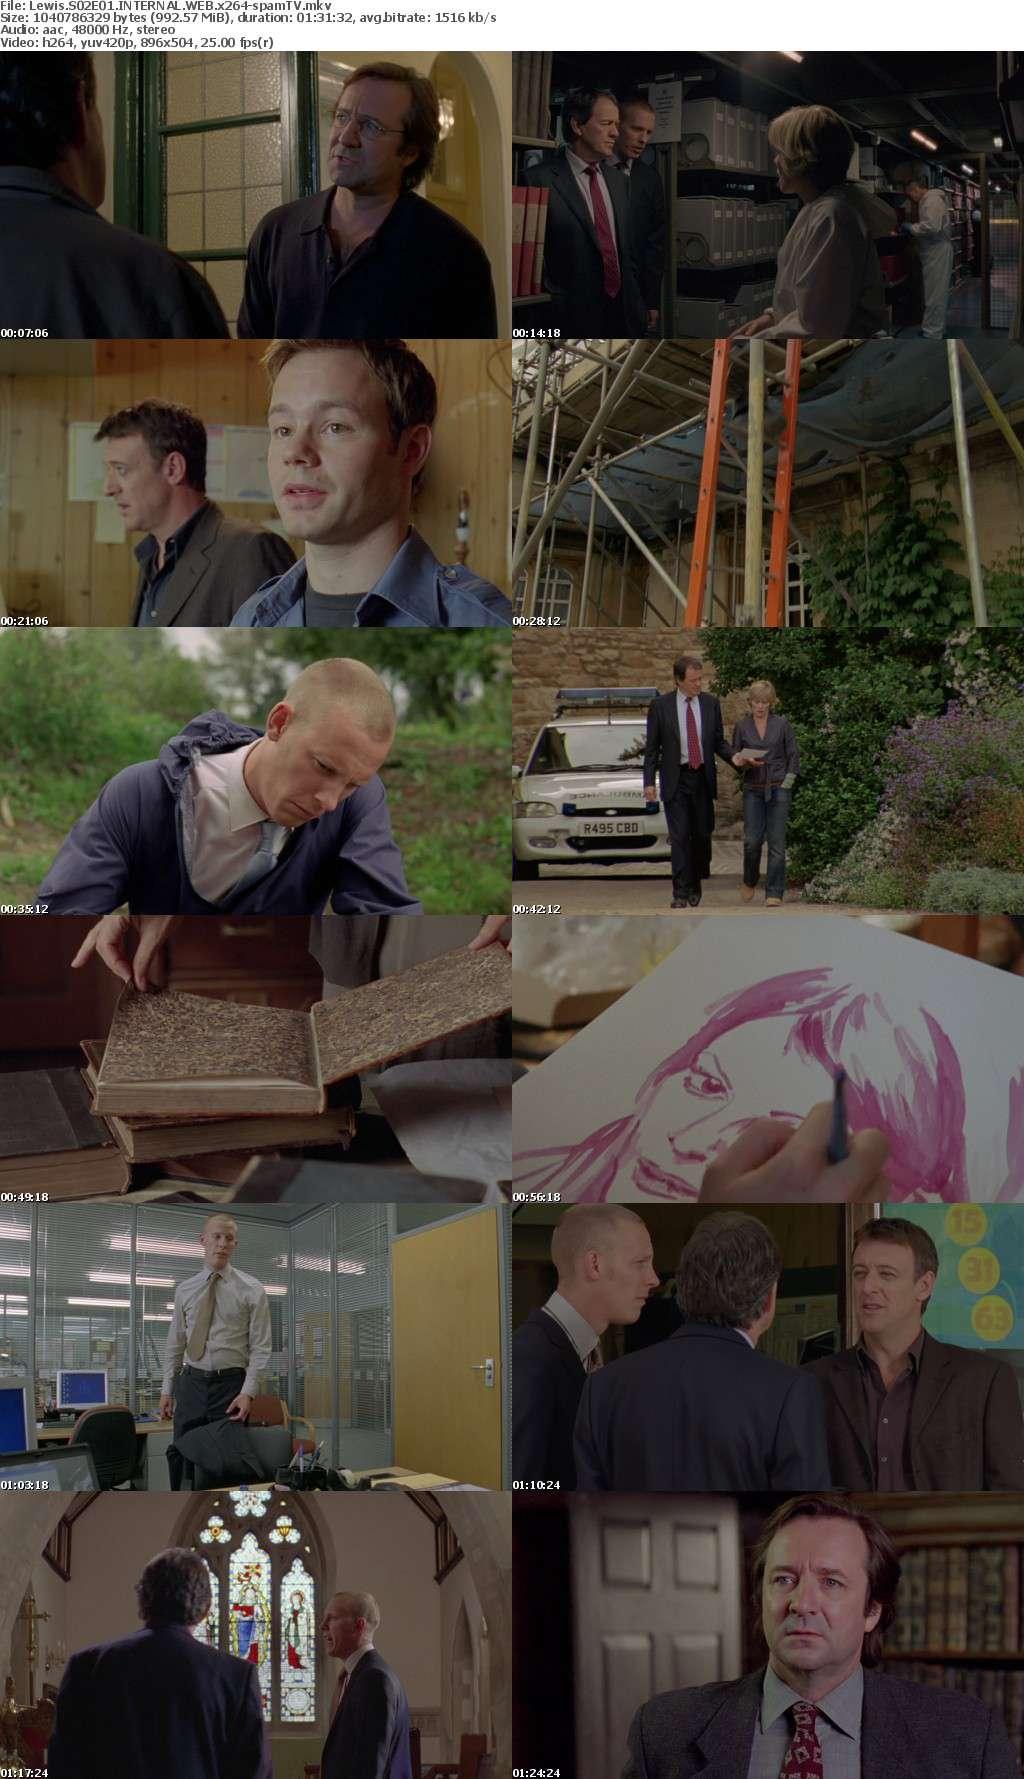 Lewis S02E01 INTERNAL WEB x264-spamTV